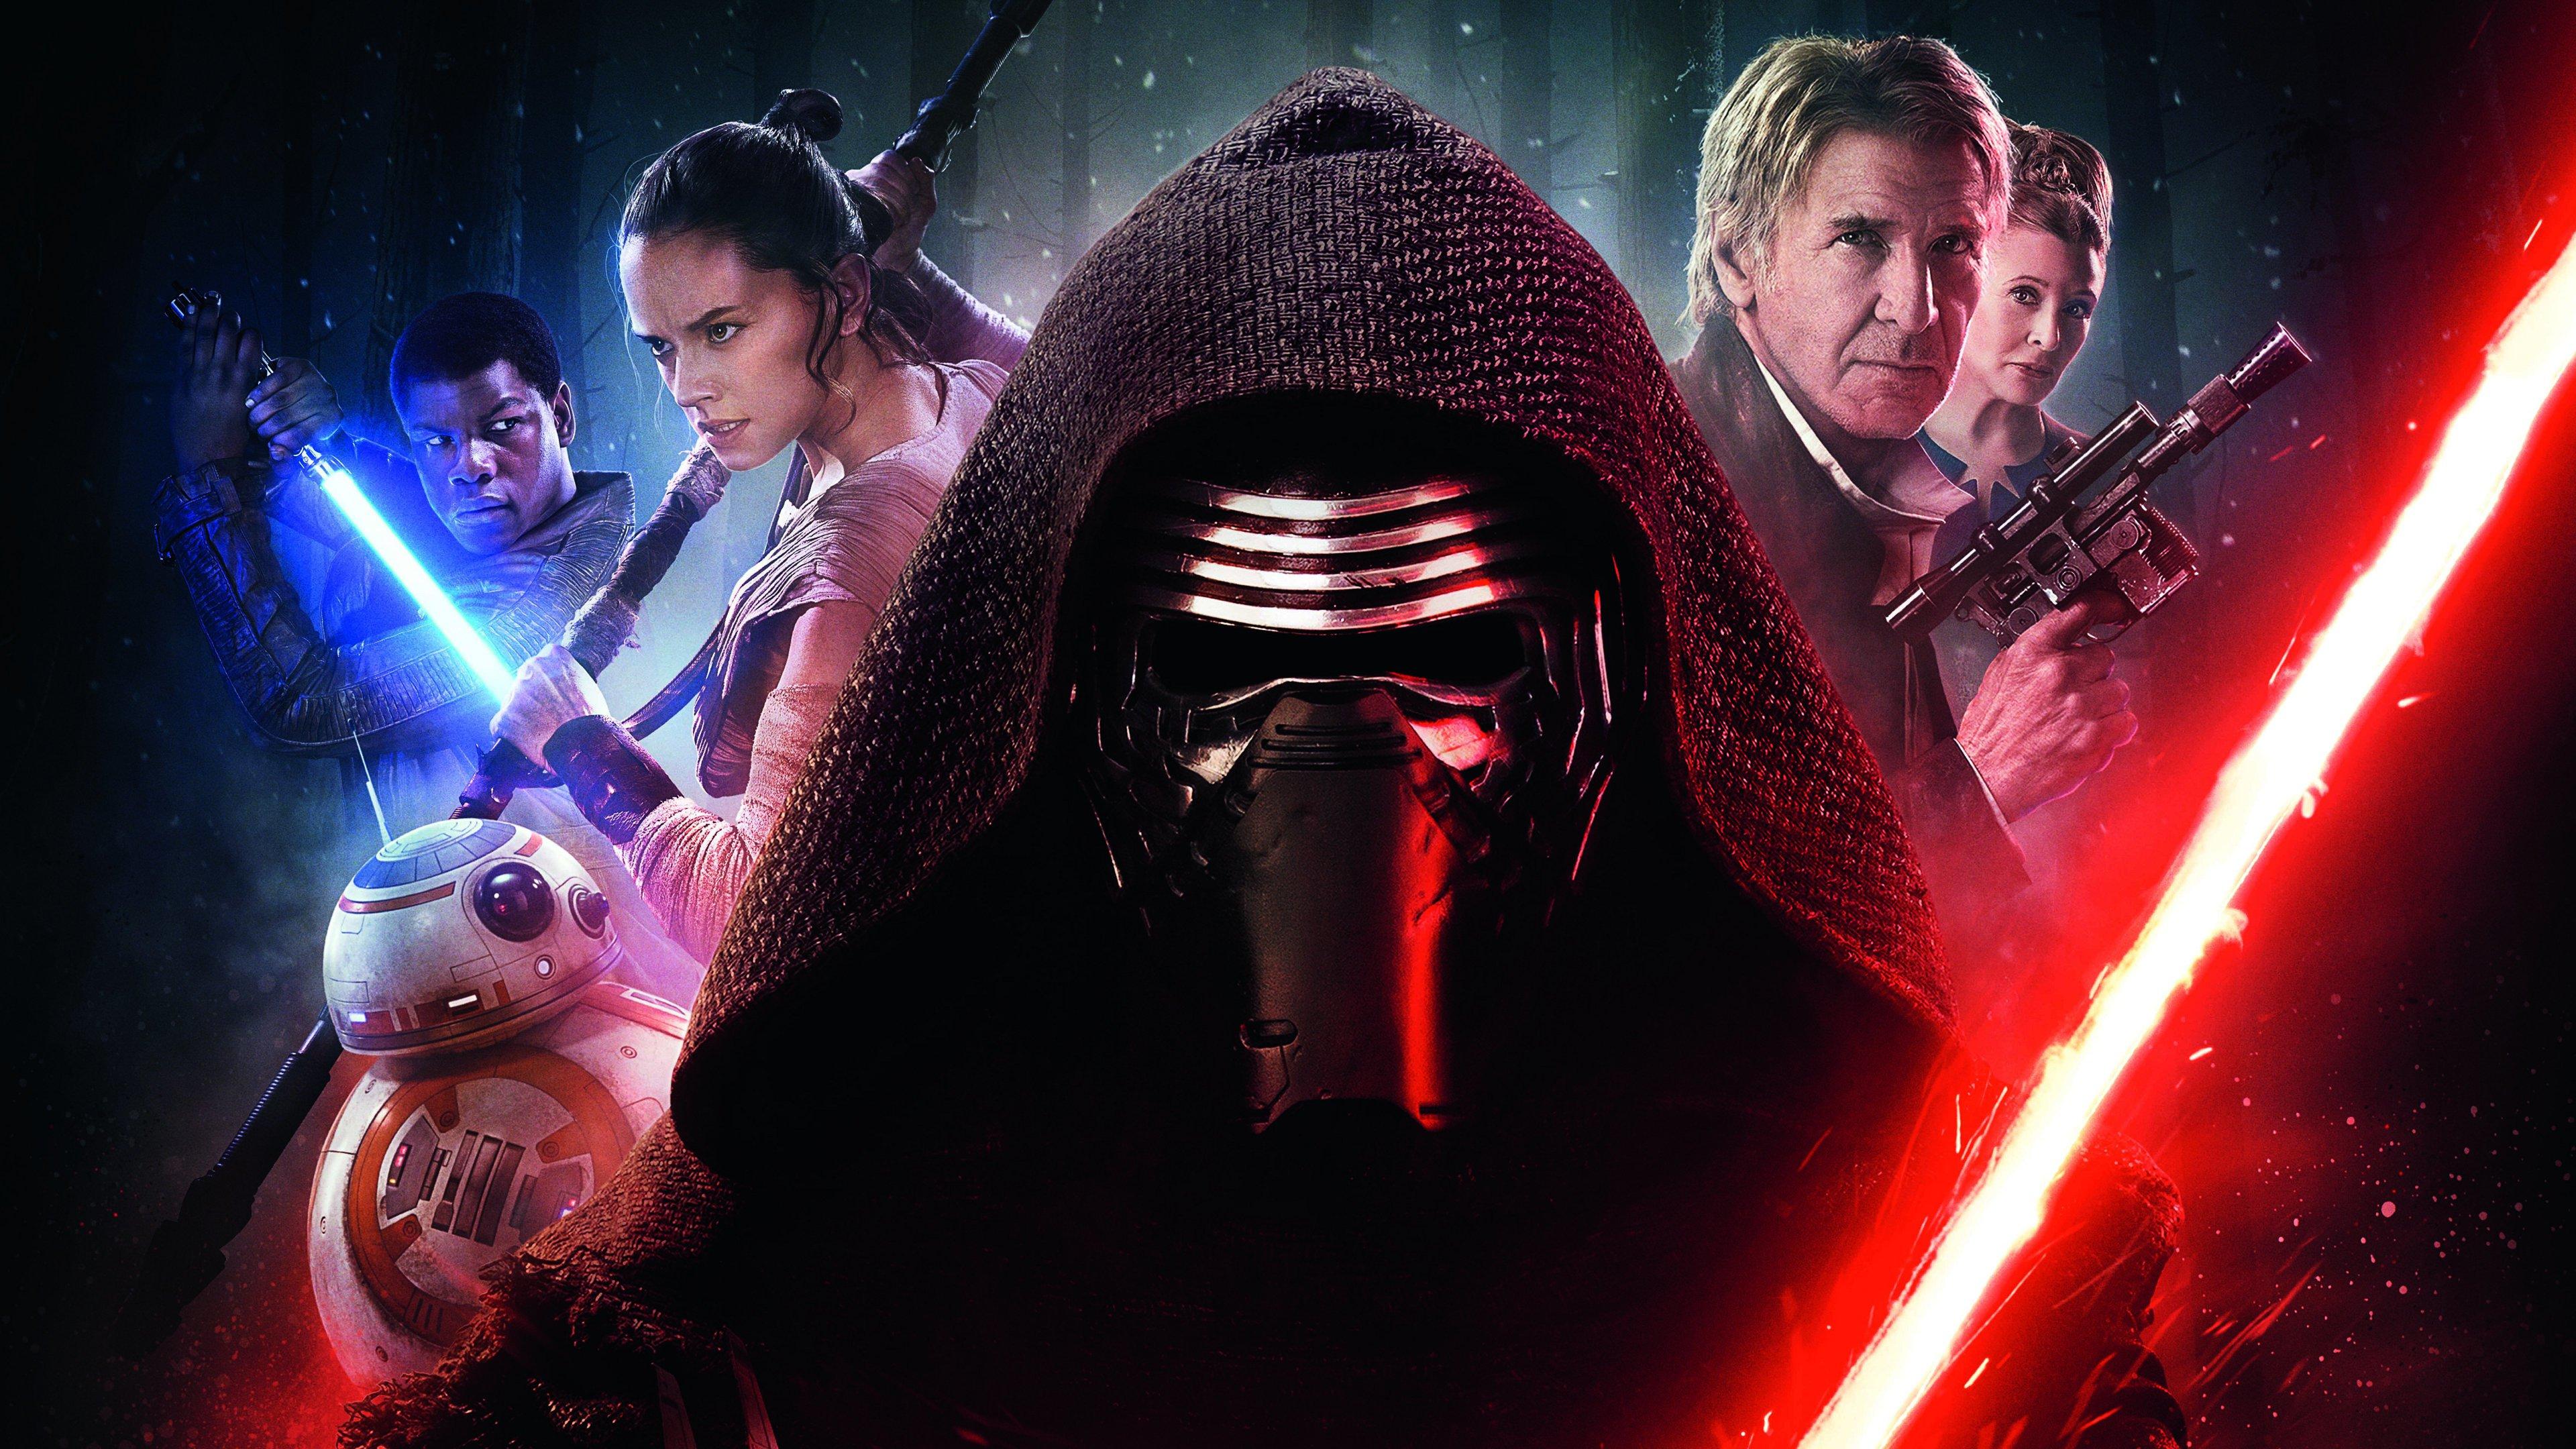 star wars movies - HD1920×1200